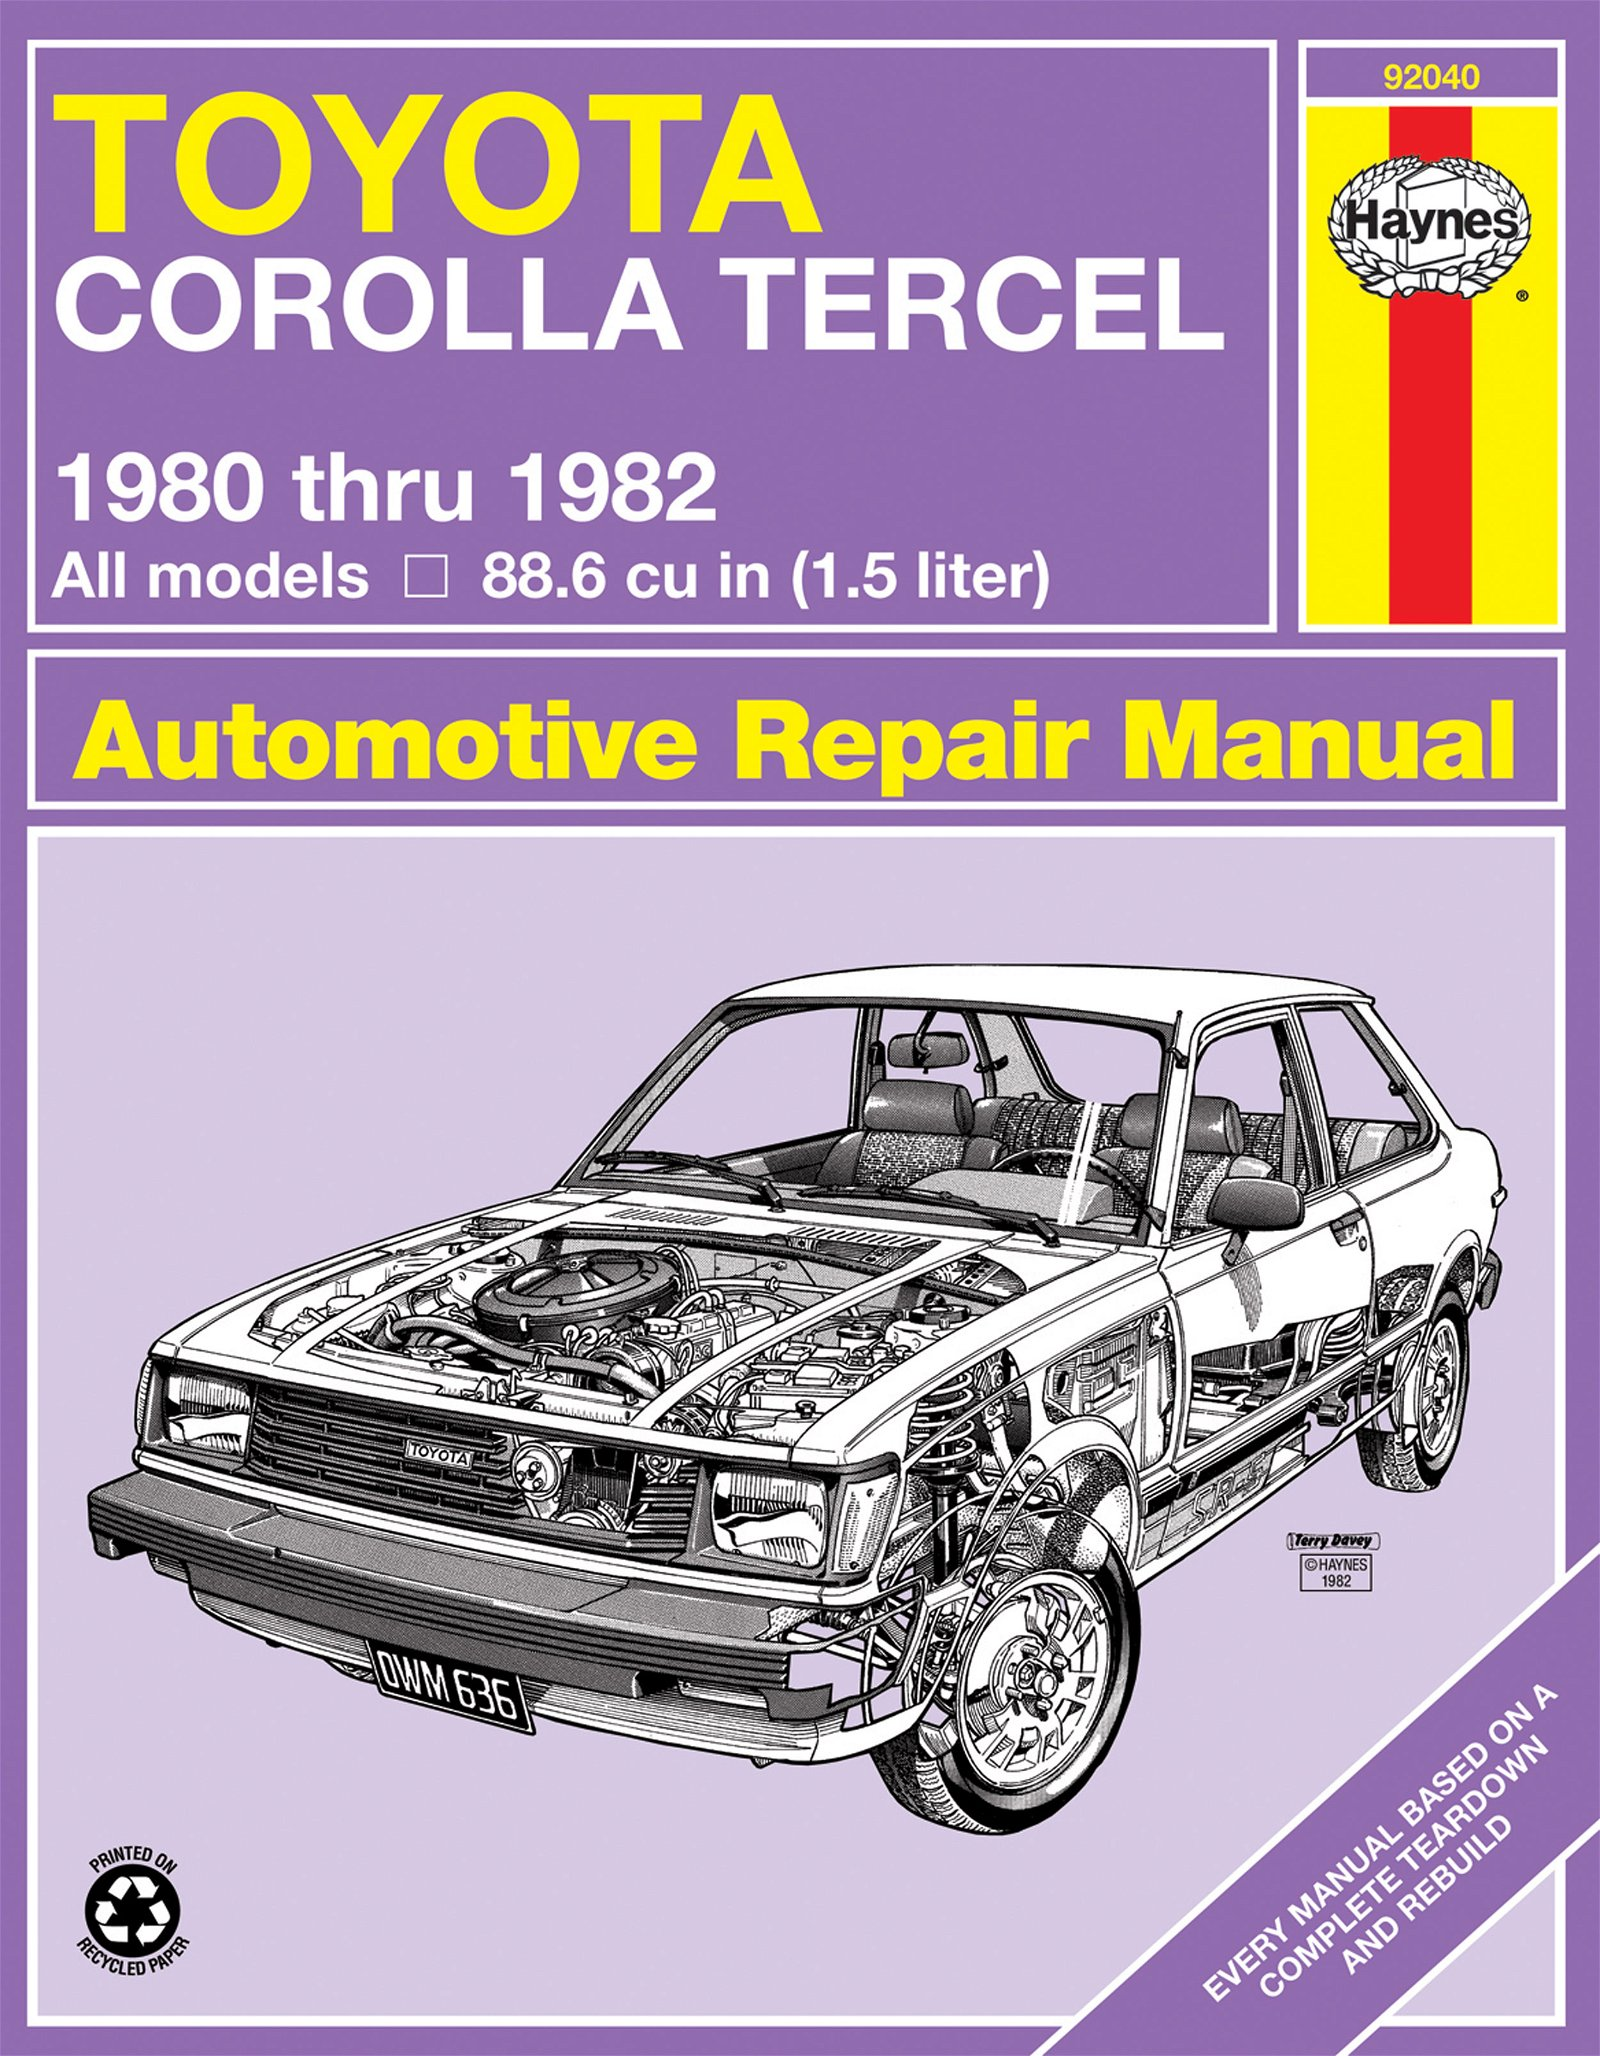 [Manuel US en Anglais] Toyota Corolla Tercel  '80 -  '82